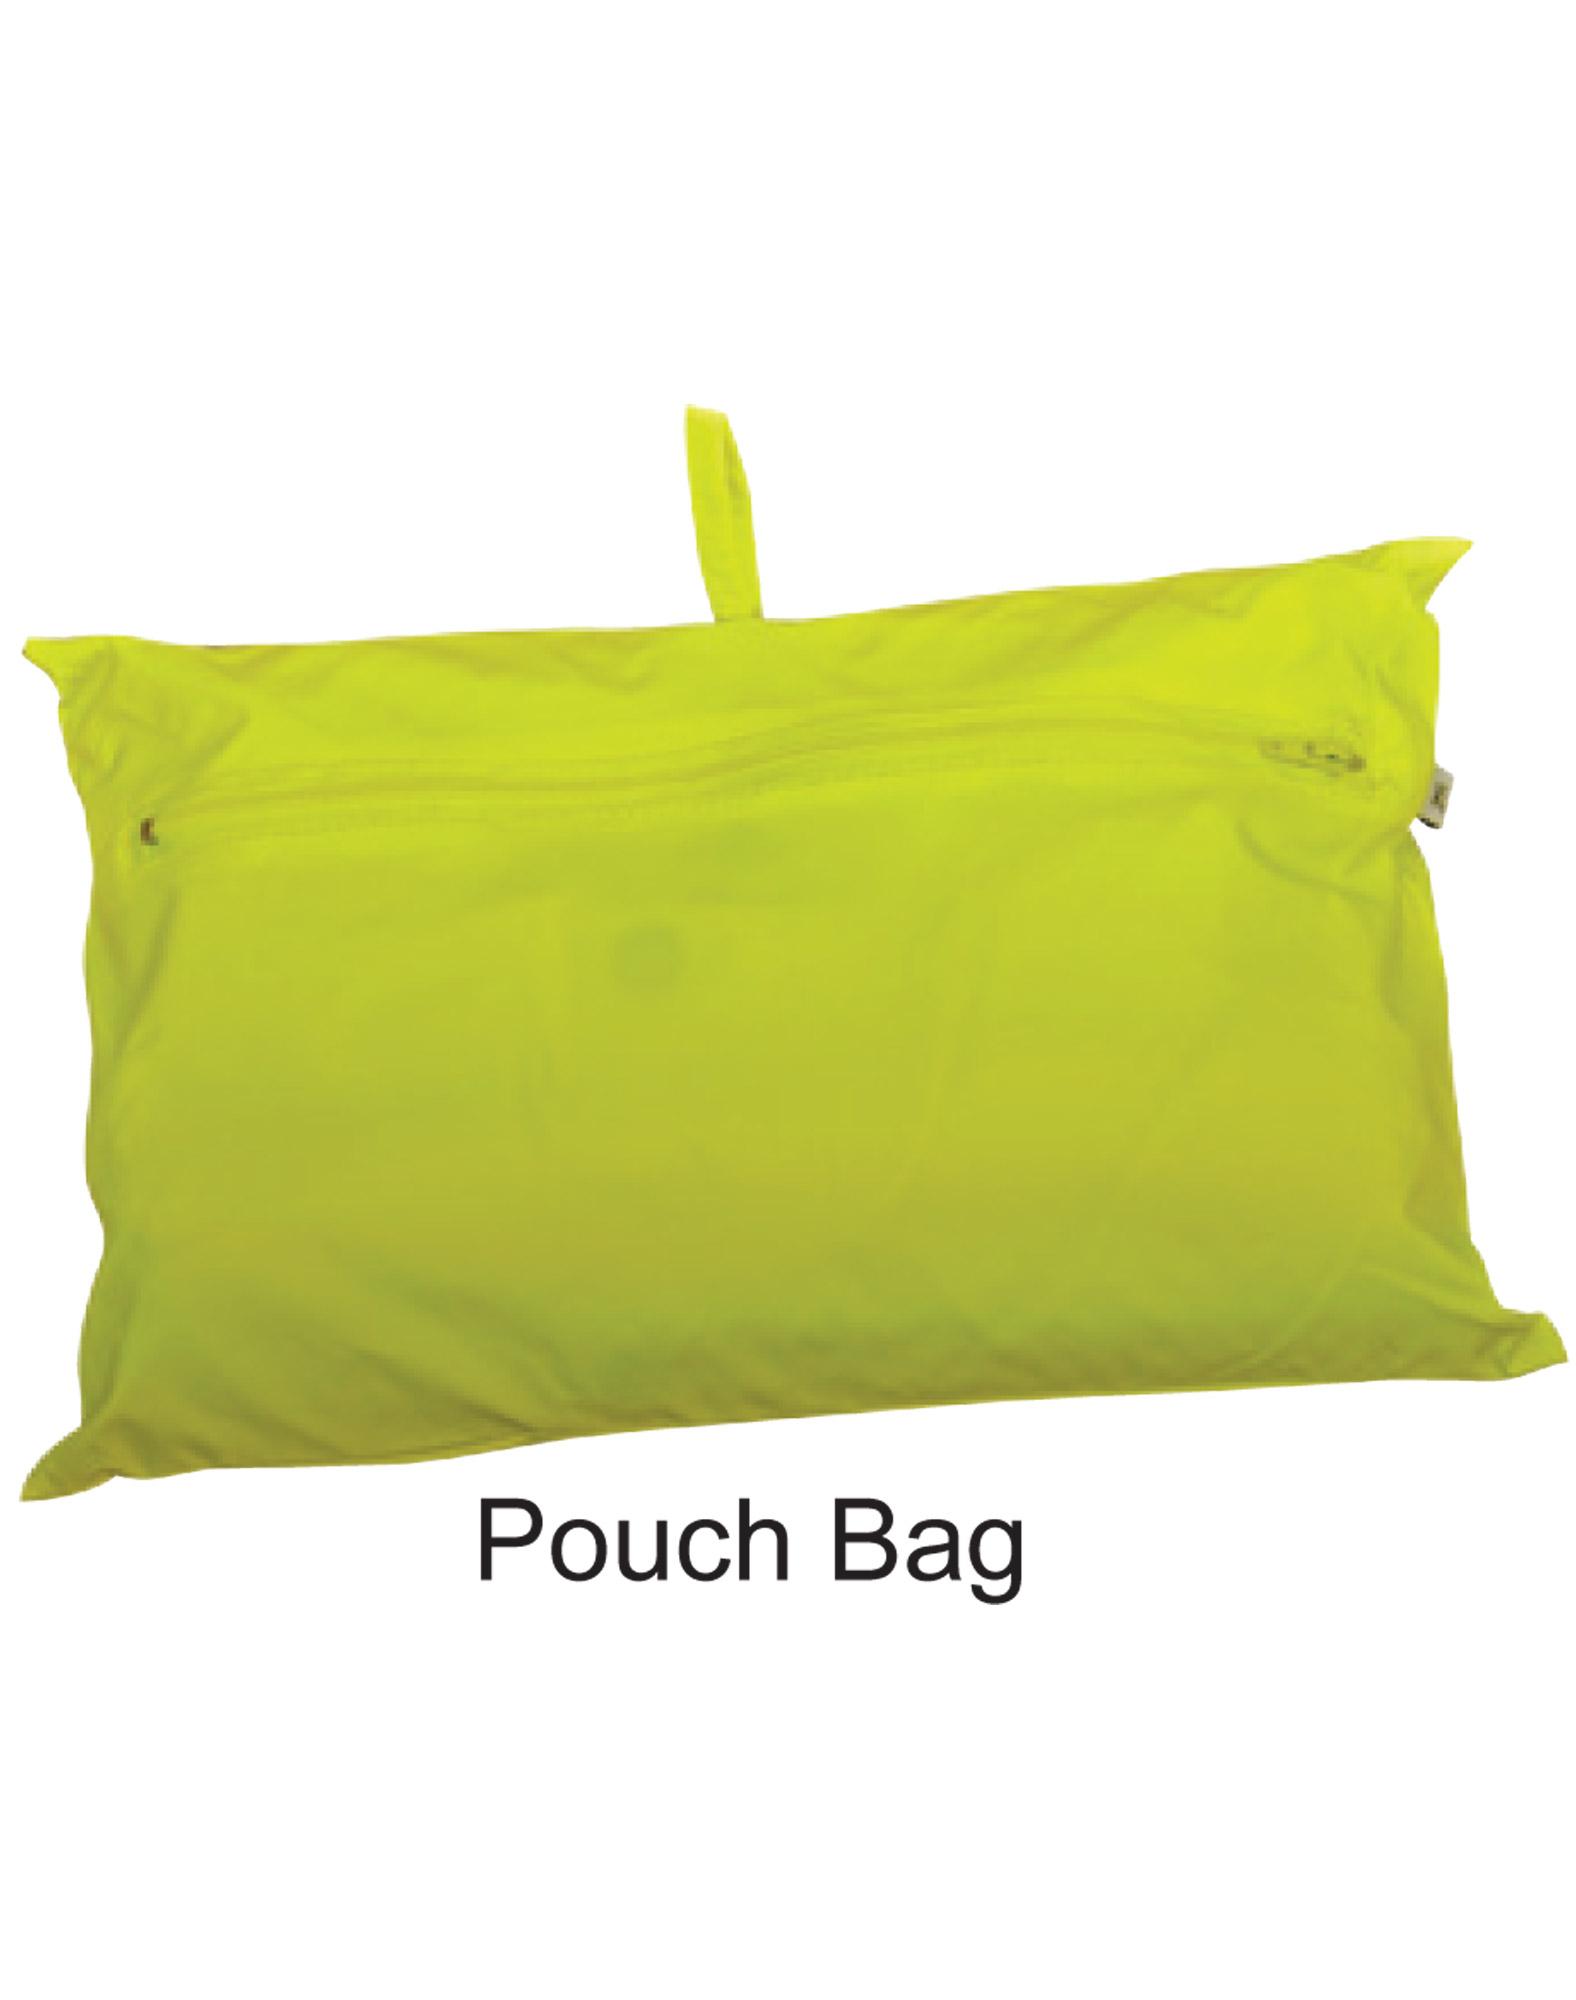 https://s3-ap-southeast-1.amazonaws.com/ws-imgs/WORKWEAR/SW27_Yellow_Bag_big.jpg